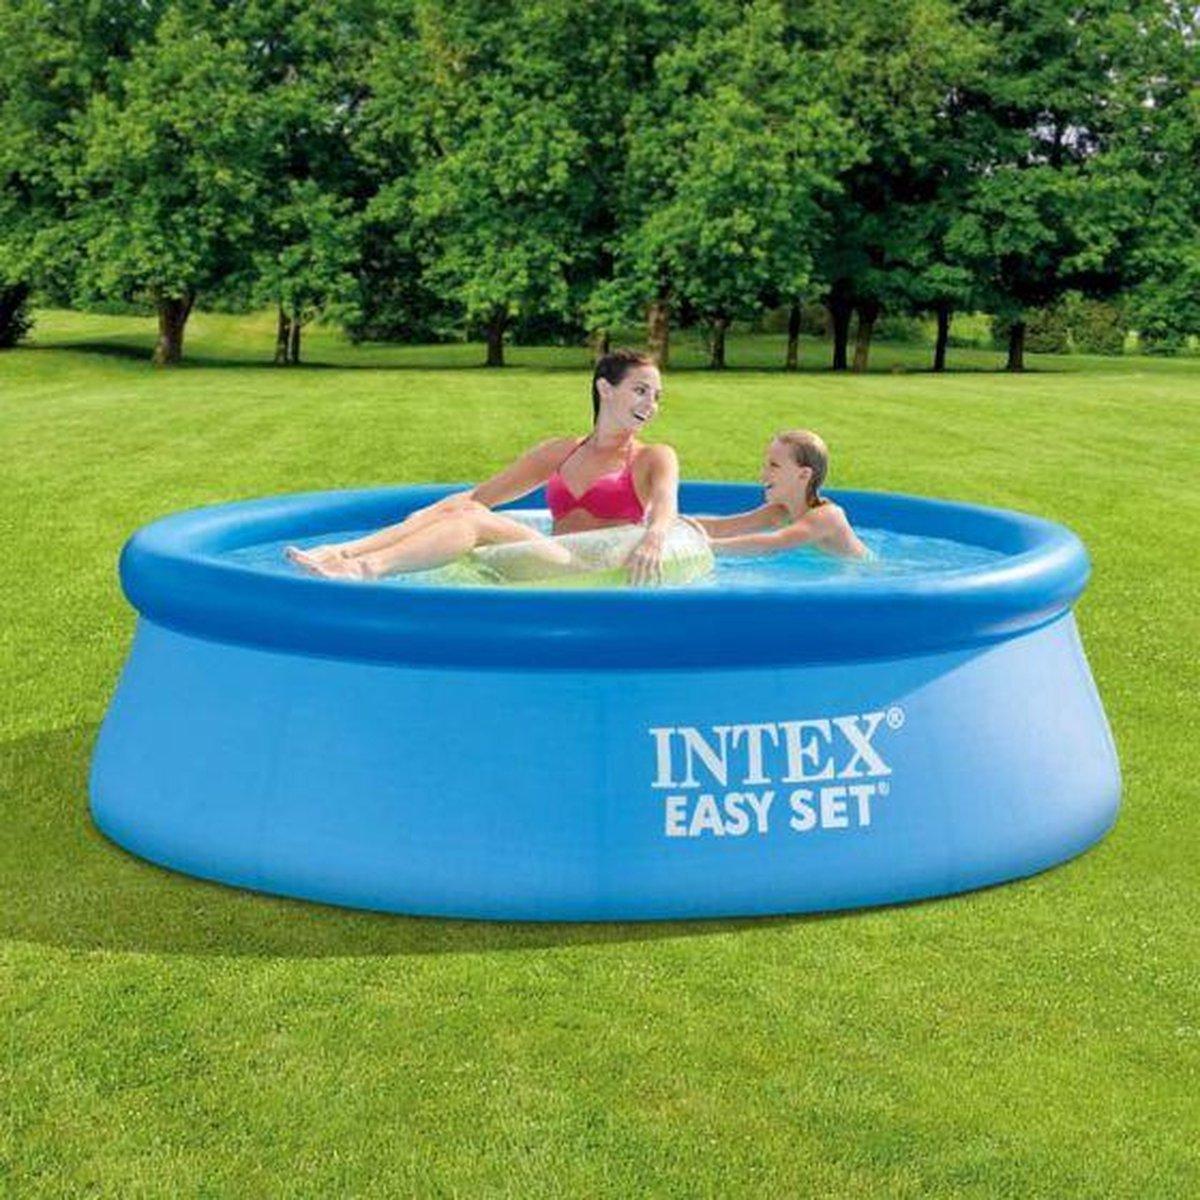 Intex zwembadset rond 244 x 66 cm + 1 gratis zwemband. Wordt u aangeboden door DYROX - Zwembad - Tuin - Camping